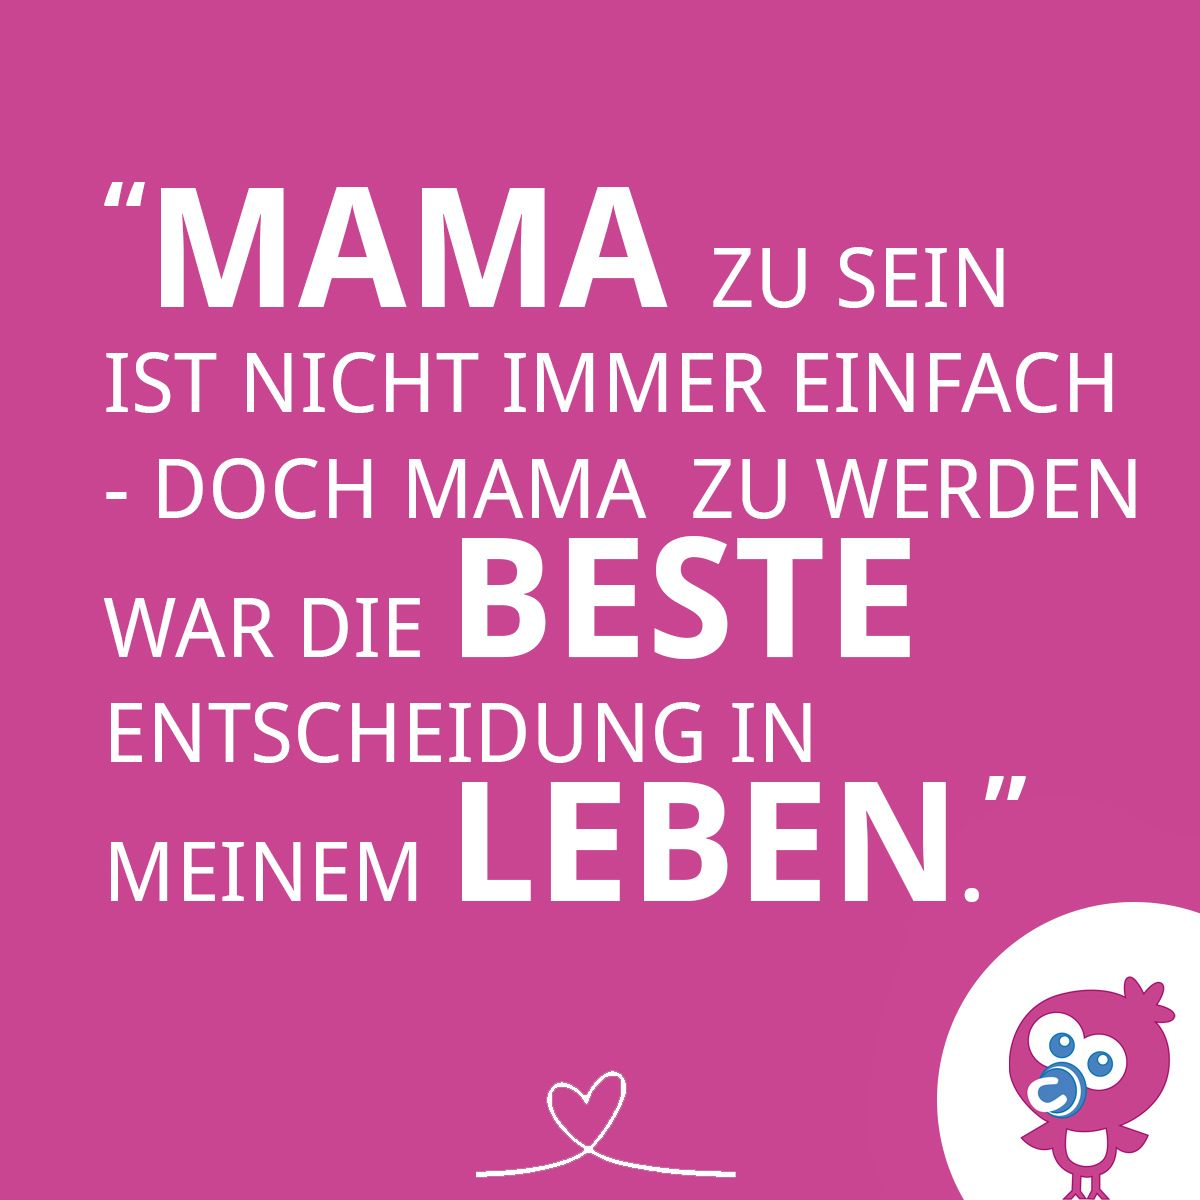 Die beste Entscheidung im Leben: Mama sein! #Mama #Baby #Kind #Glück ...